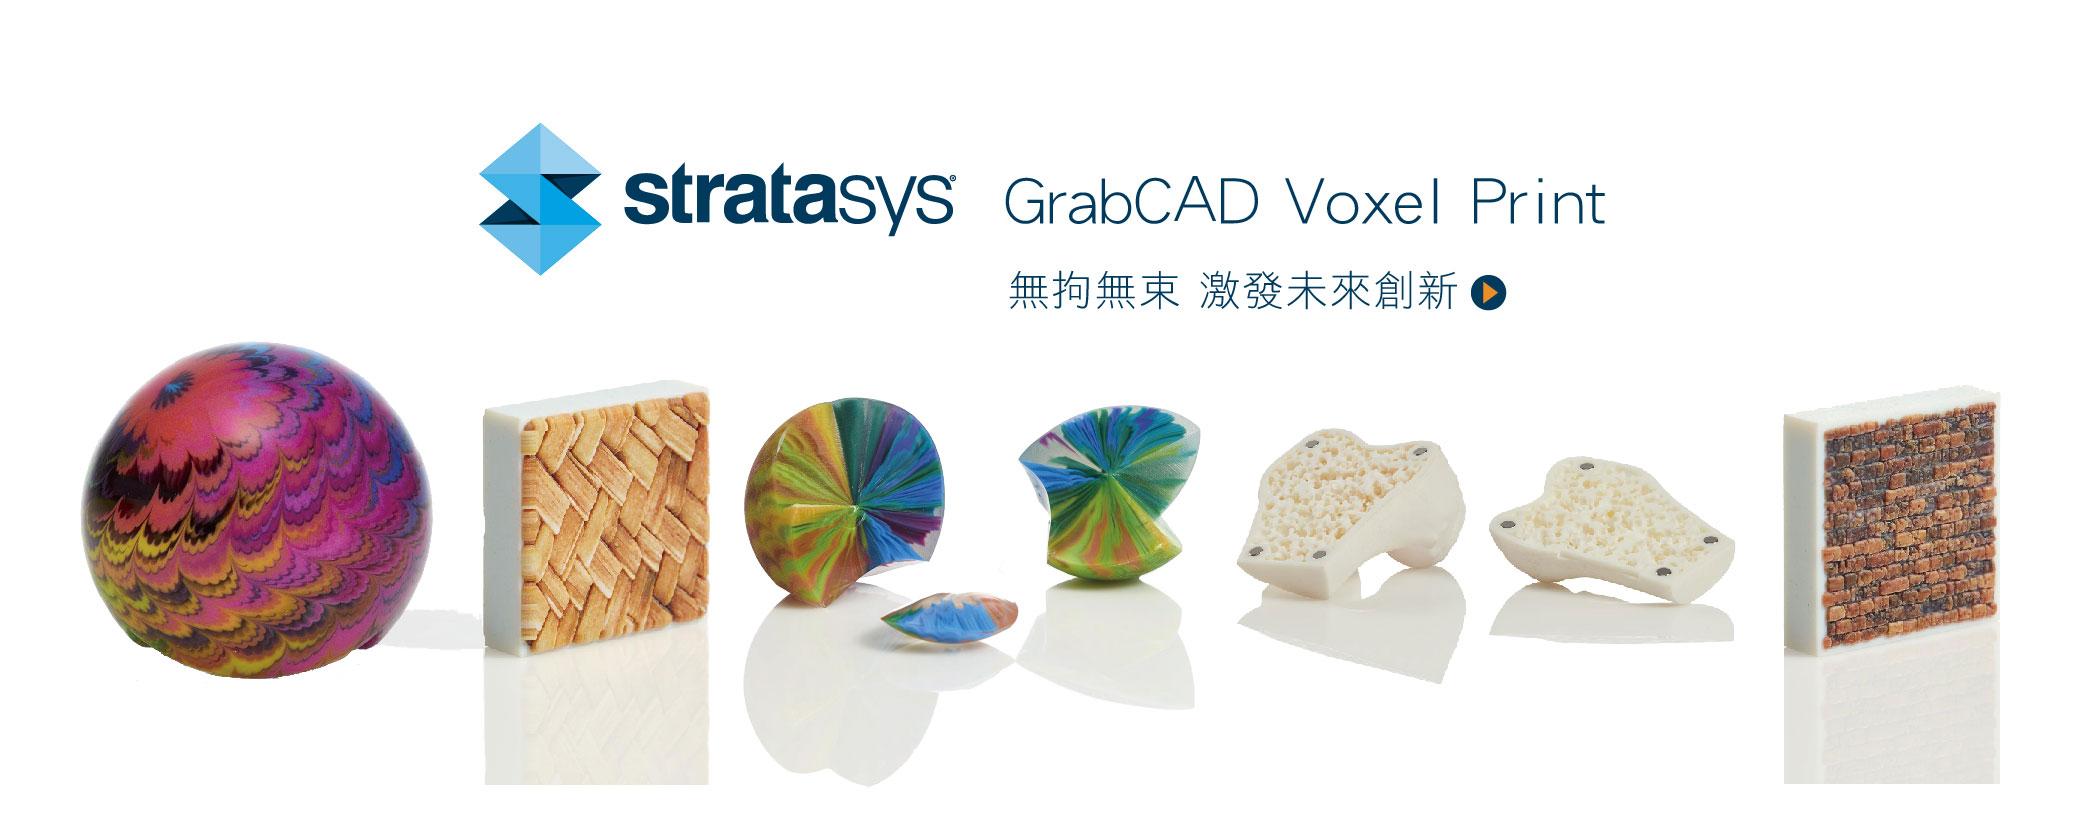 GrabCAD Voxel Print